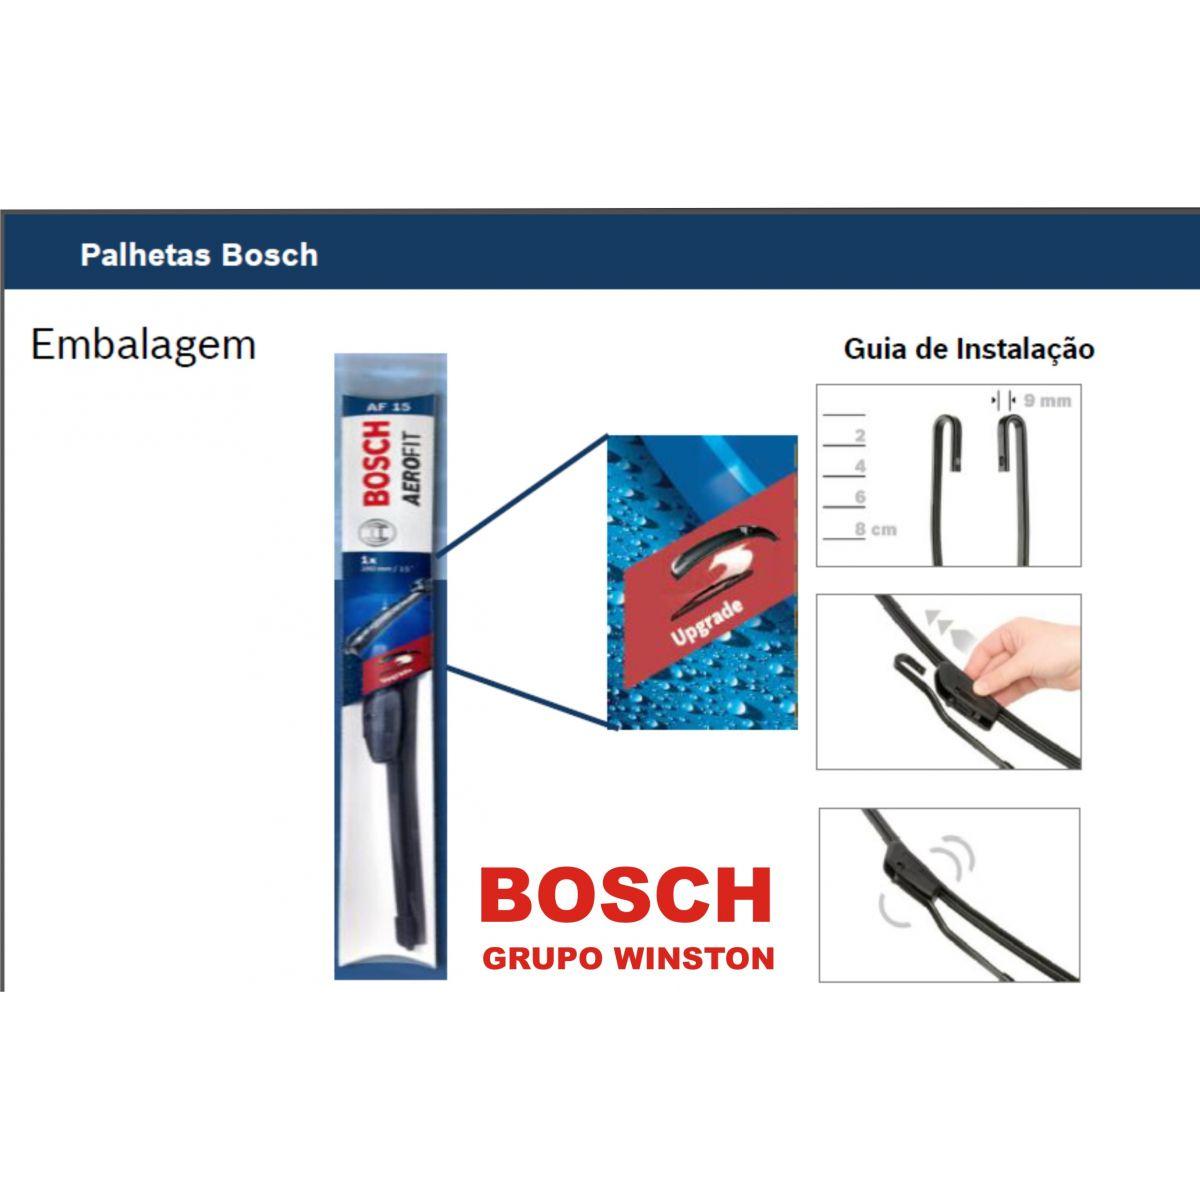 Palheta Bosch Aerofit Limpador de para brisa Bosch CITROEN C2 C3/XTR C3 Pluriel